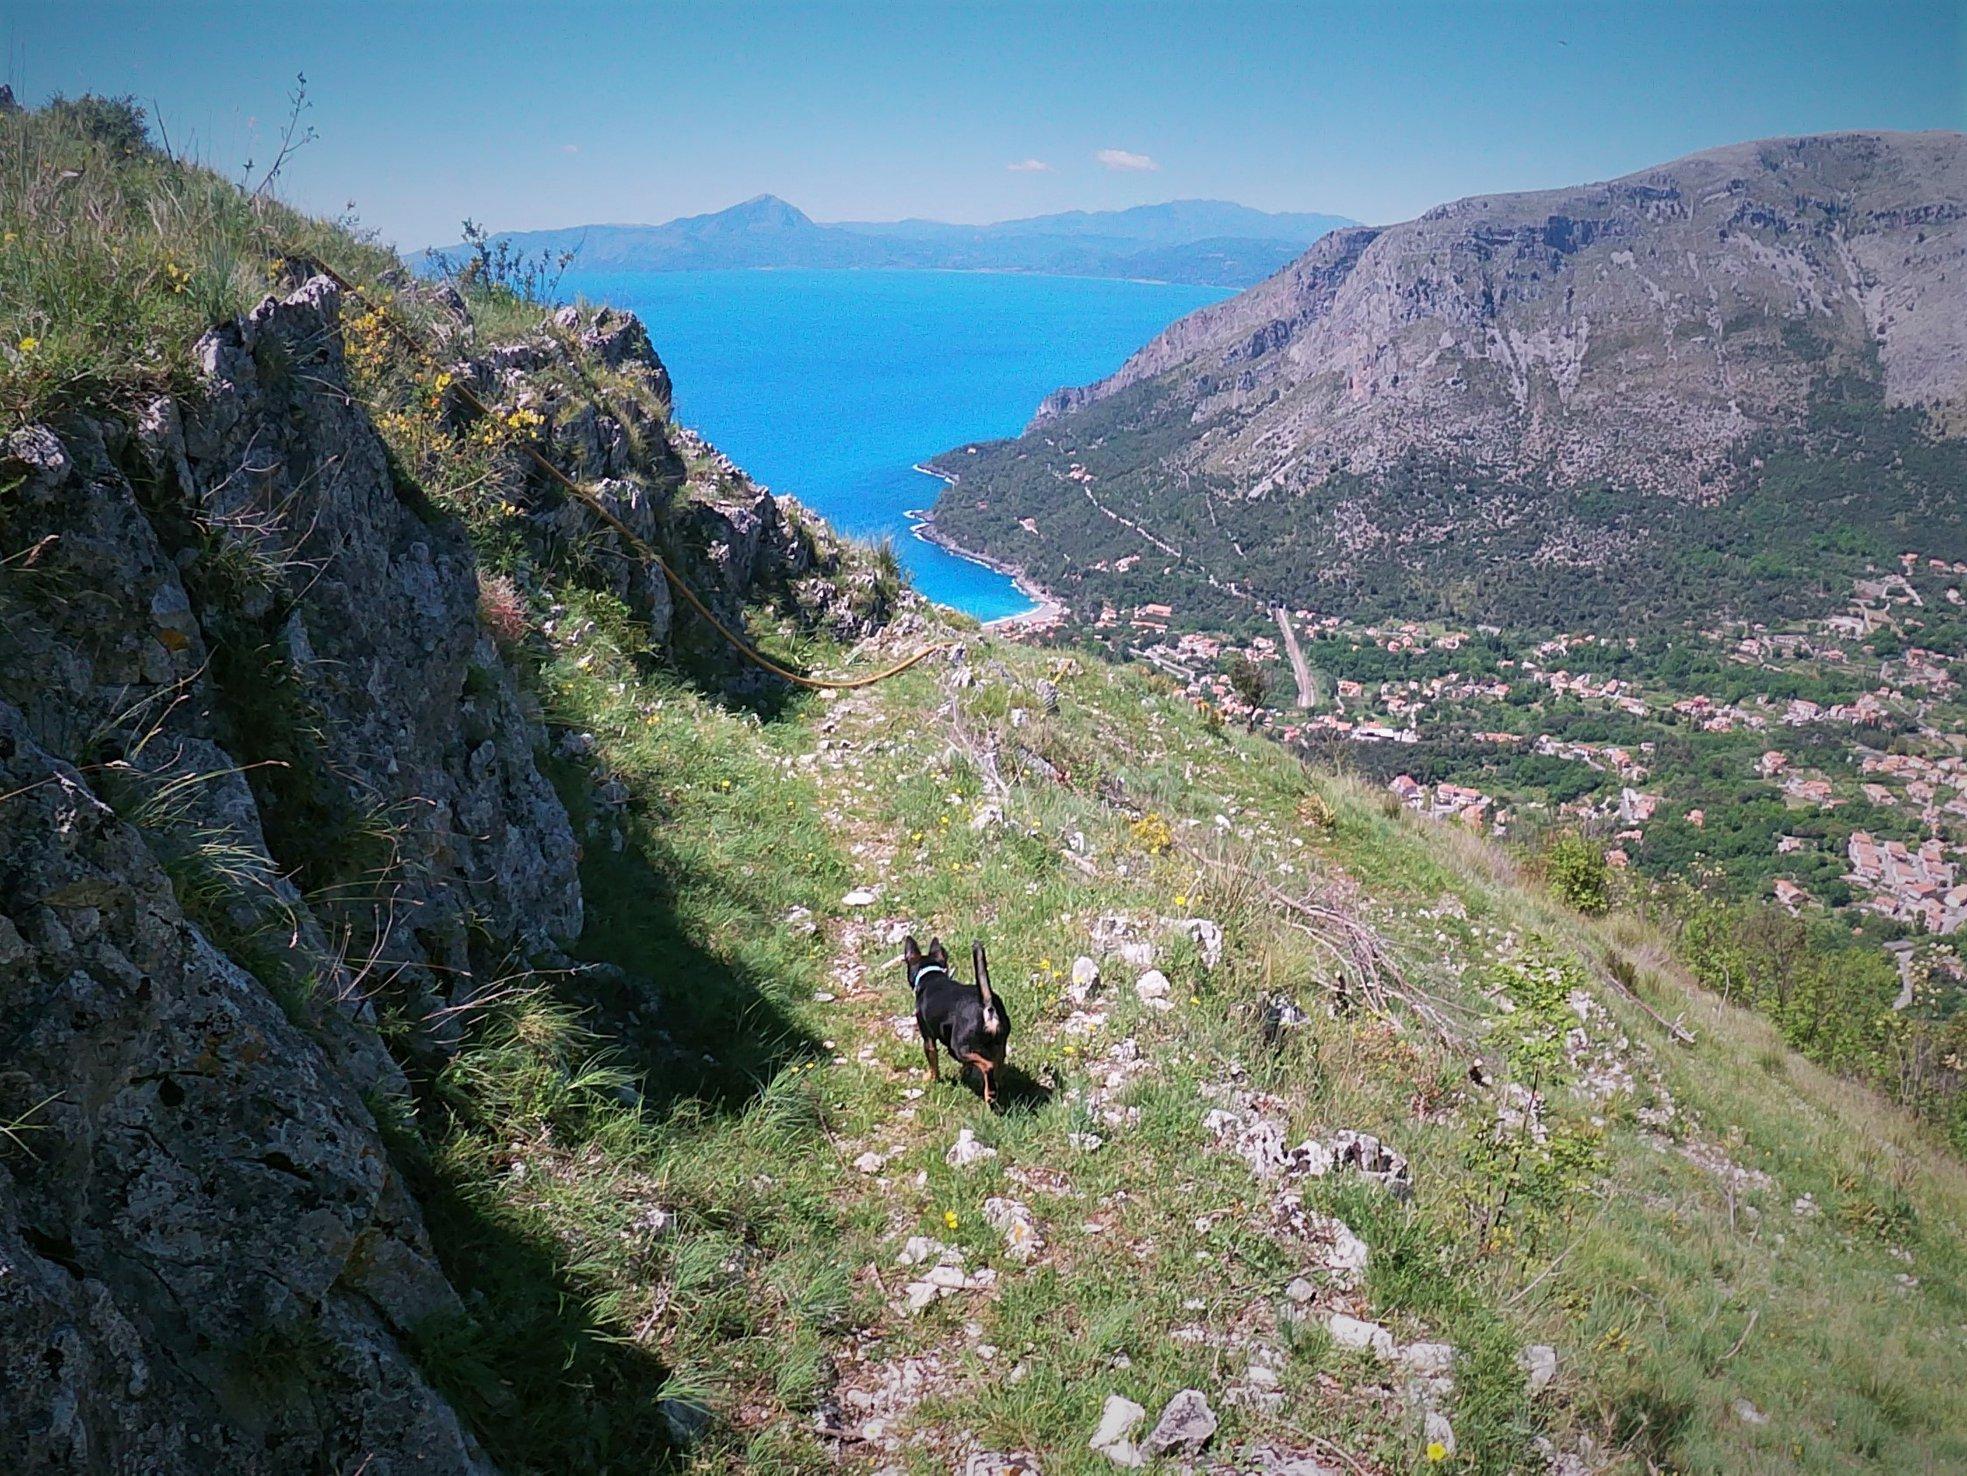 sentiero del mediterraneo maratea